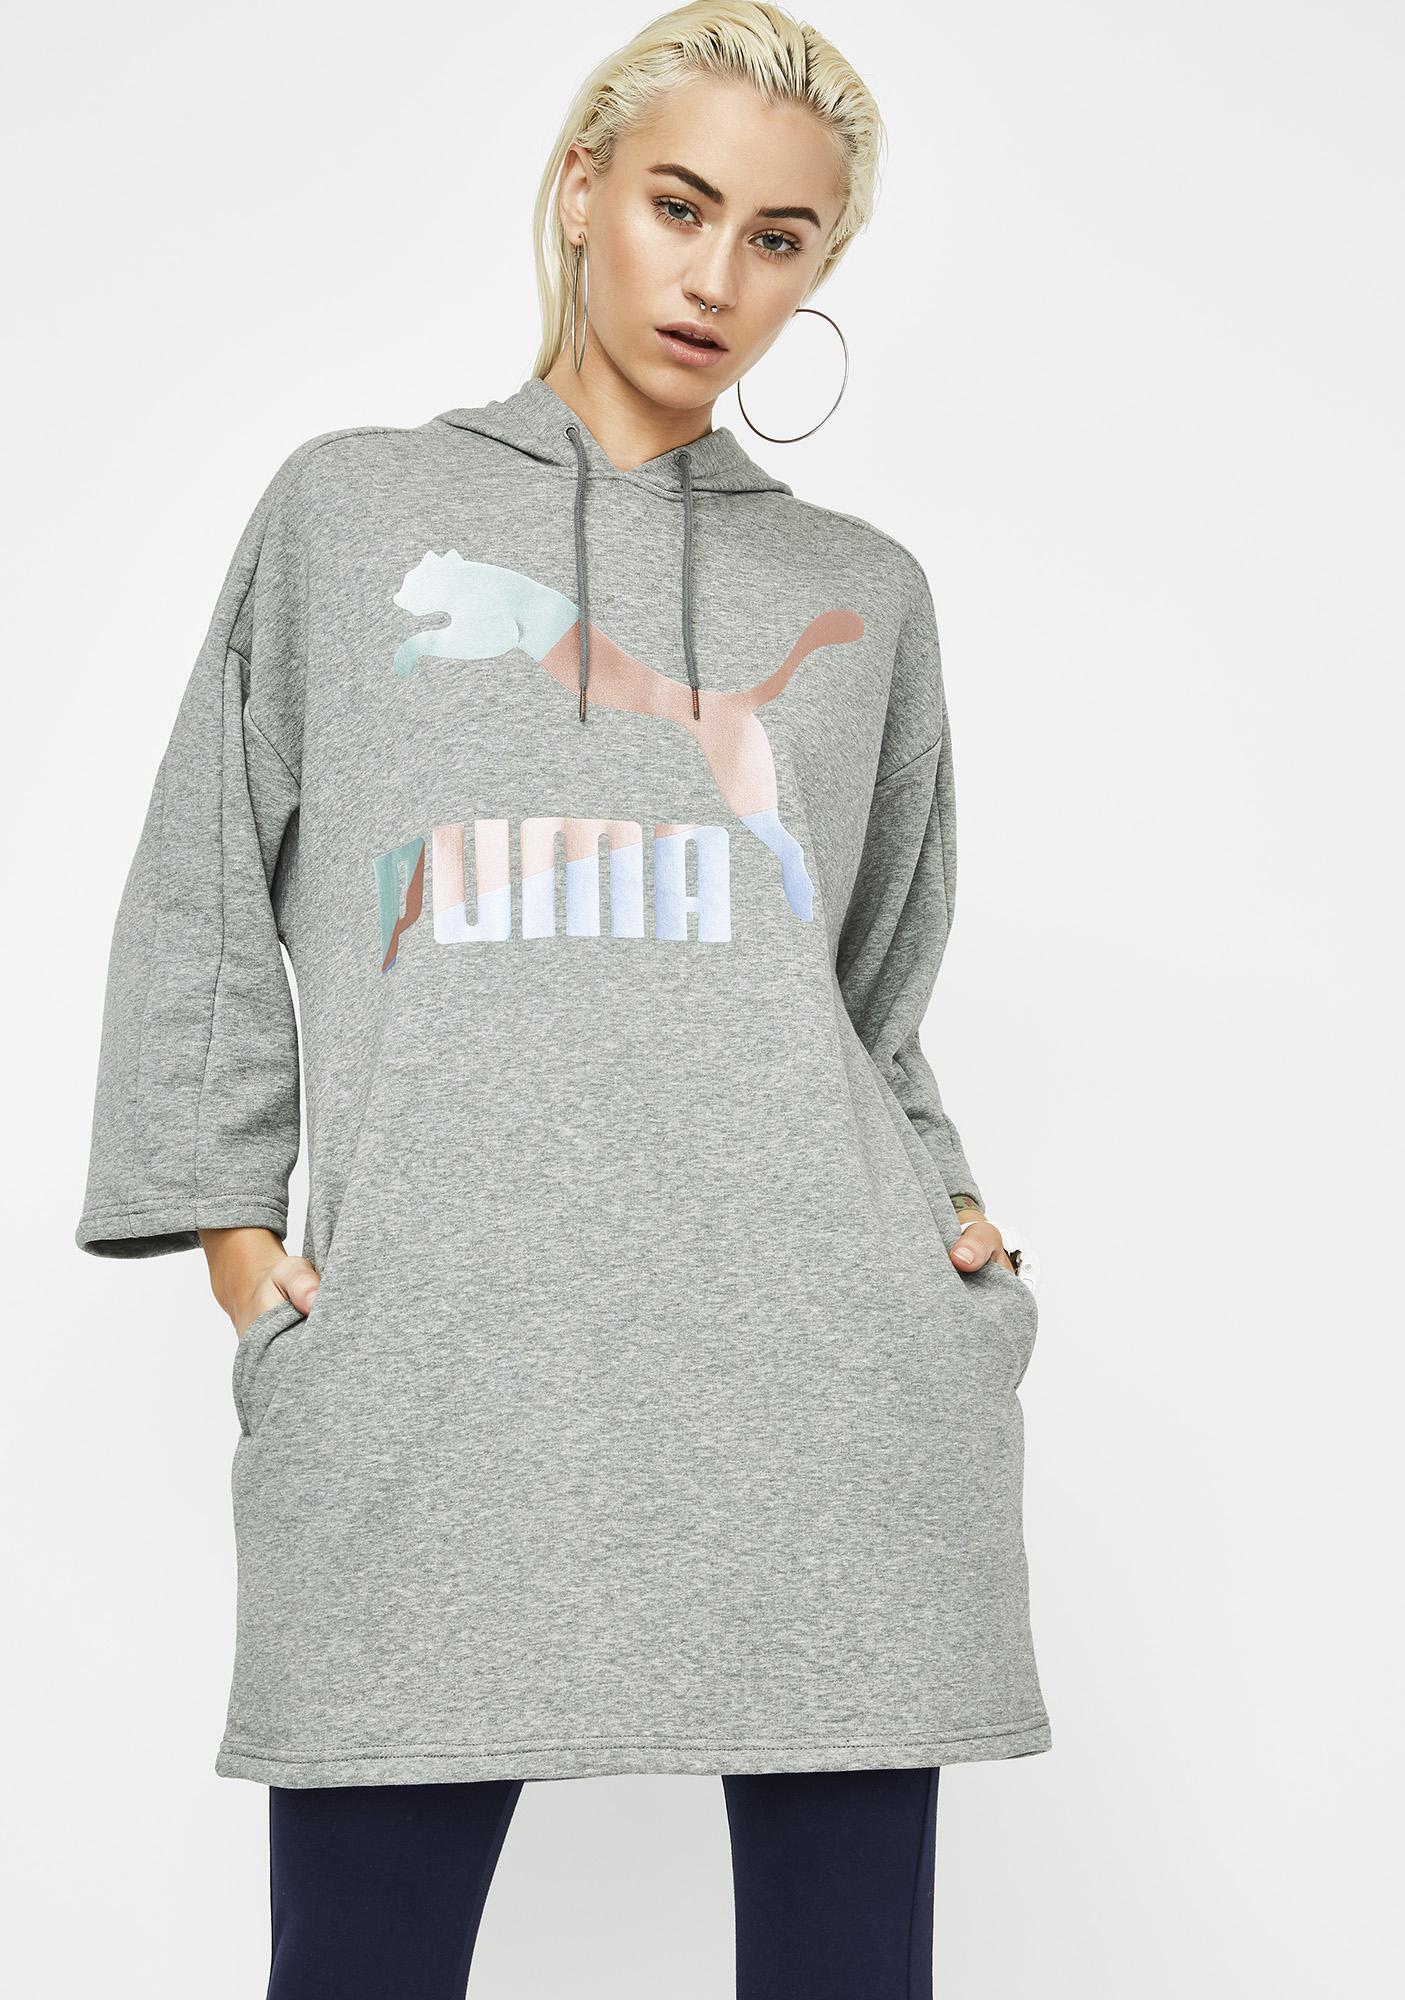 PUMA Heather Glam Oversized Hooded Dress